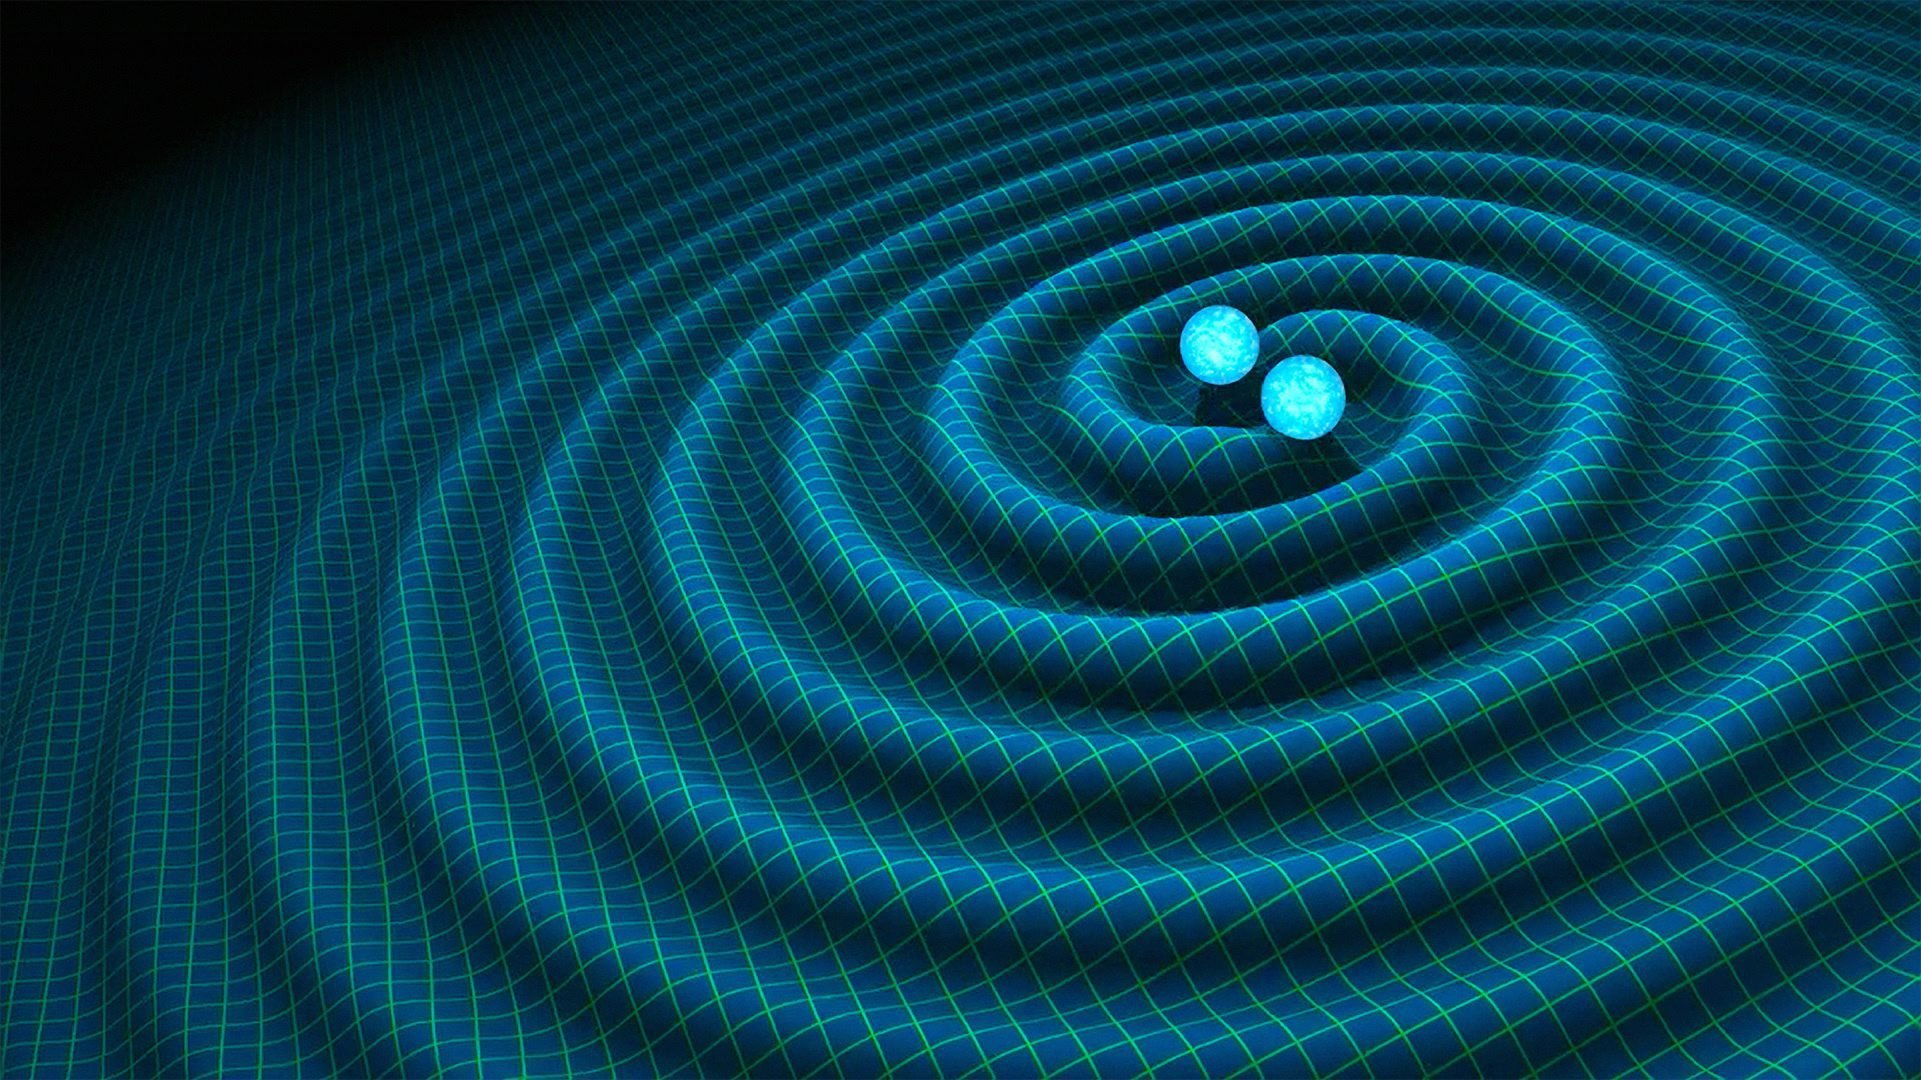 重力波示意圖。當物體加速度前進時 (如兩個超大質量星體互繞),會使空間的扭曲發生變化、產生「漣漪」,這就是「重力波」。圖片來源│R. Hurt/Caltech-JPL